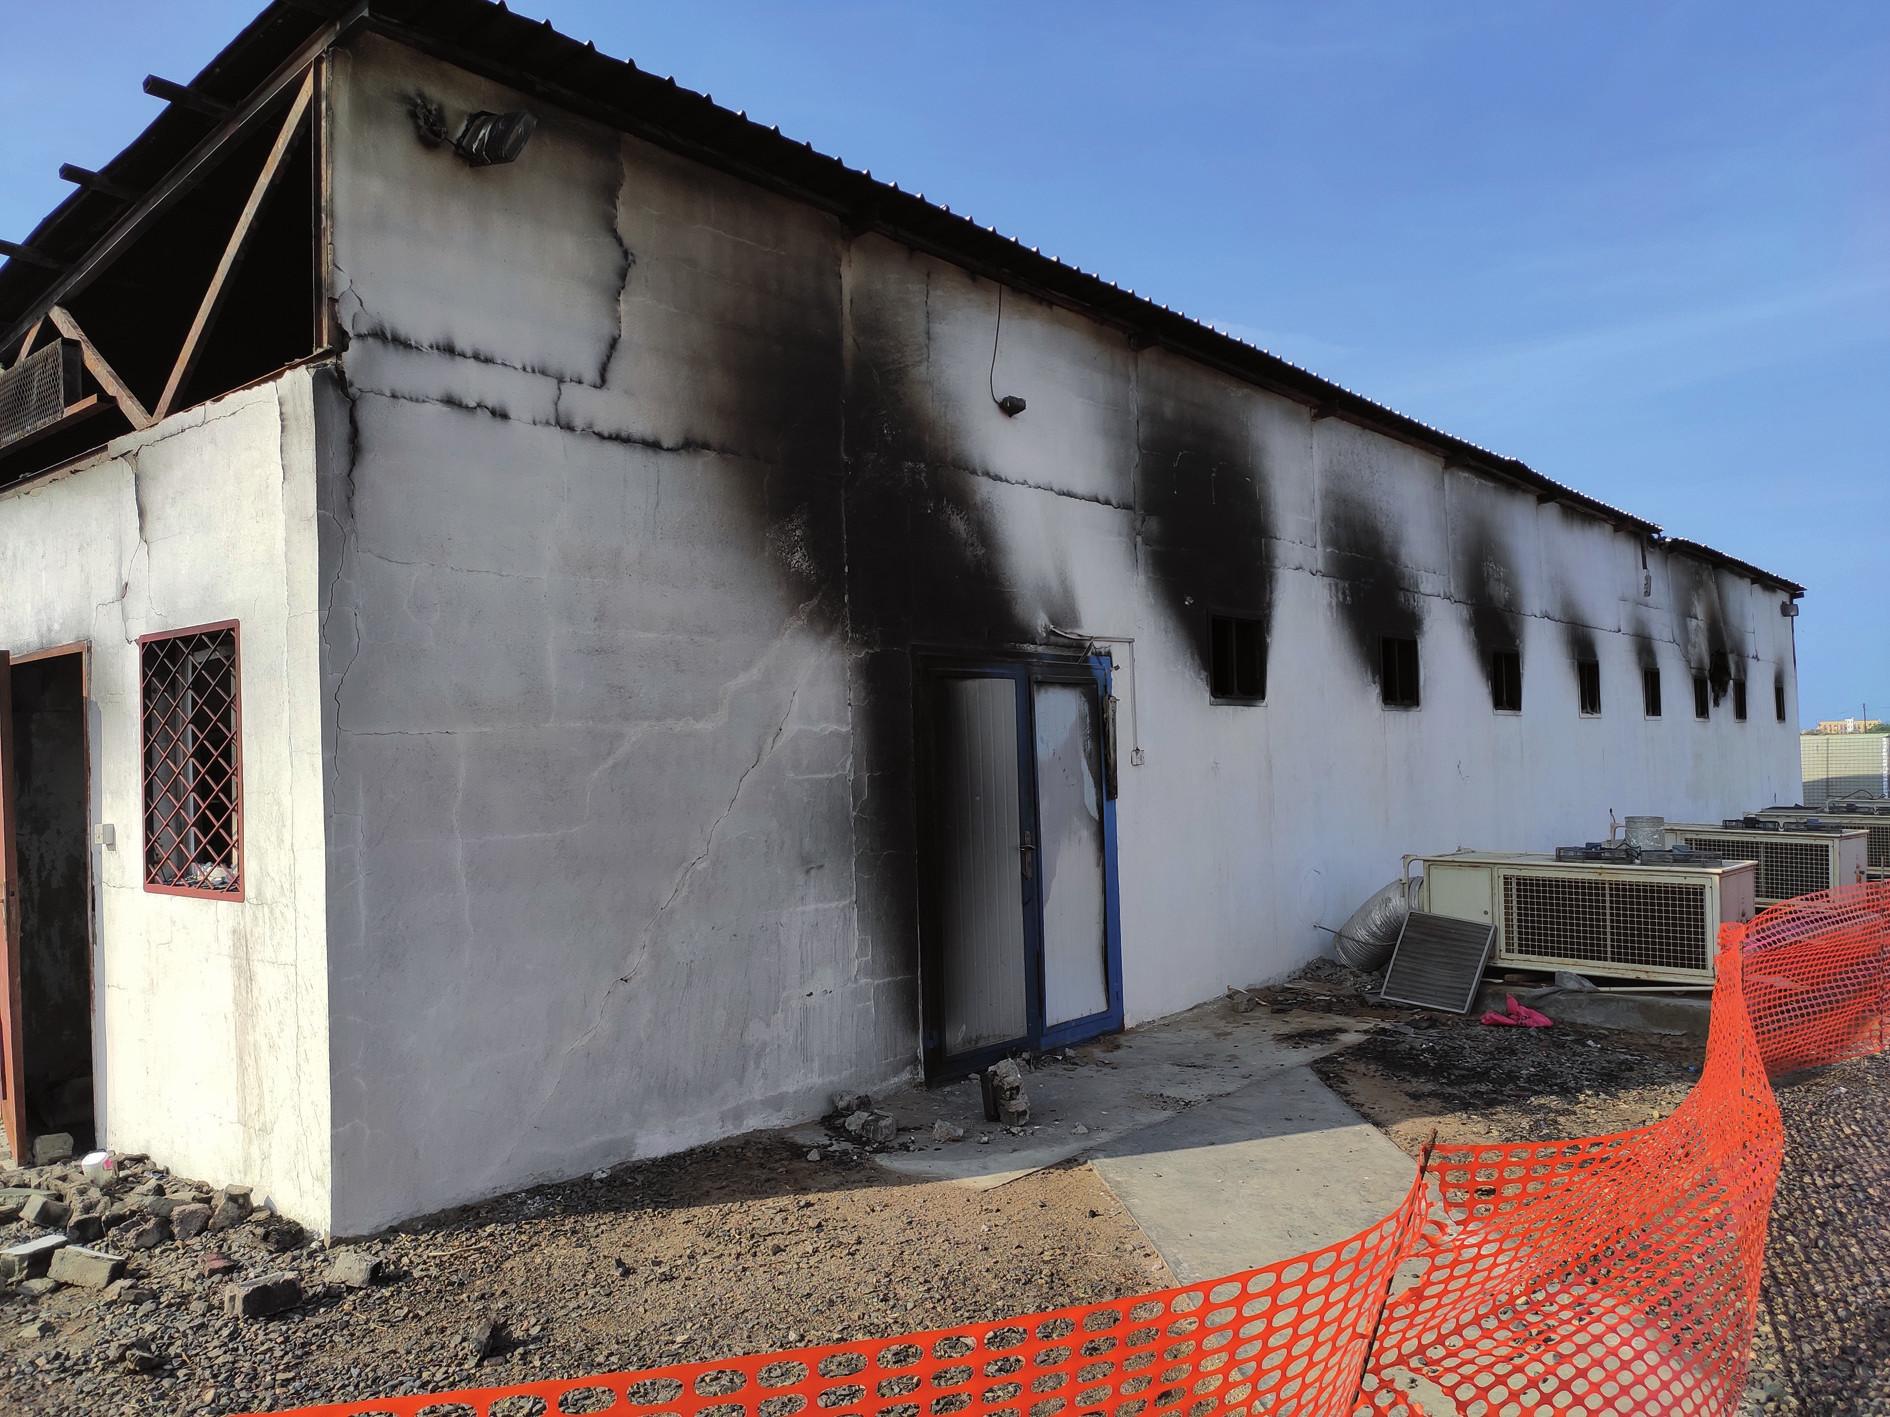 Původní lékárna v nemocničním areálu bohužel po zásahu raketou vyhořela.